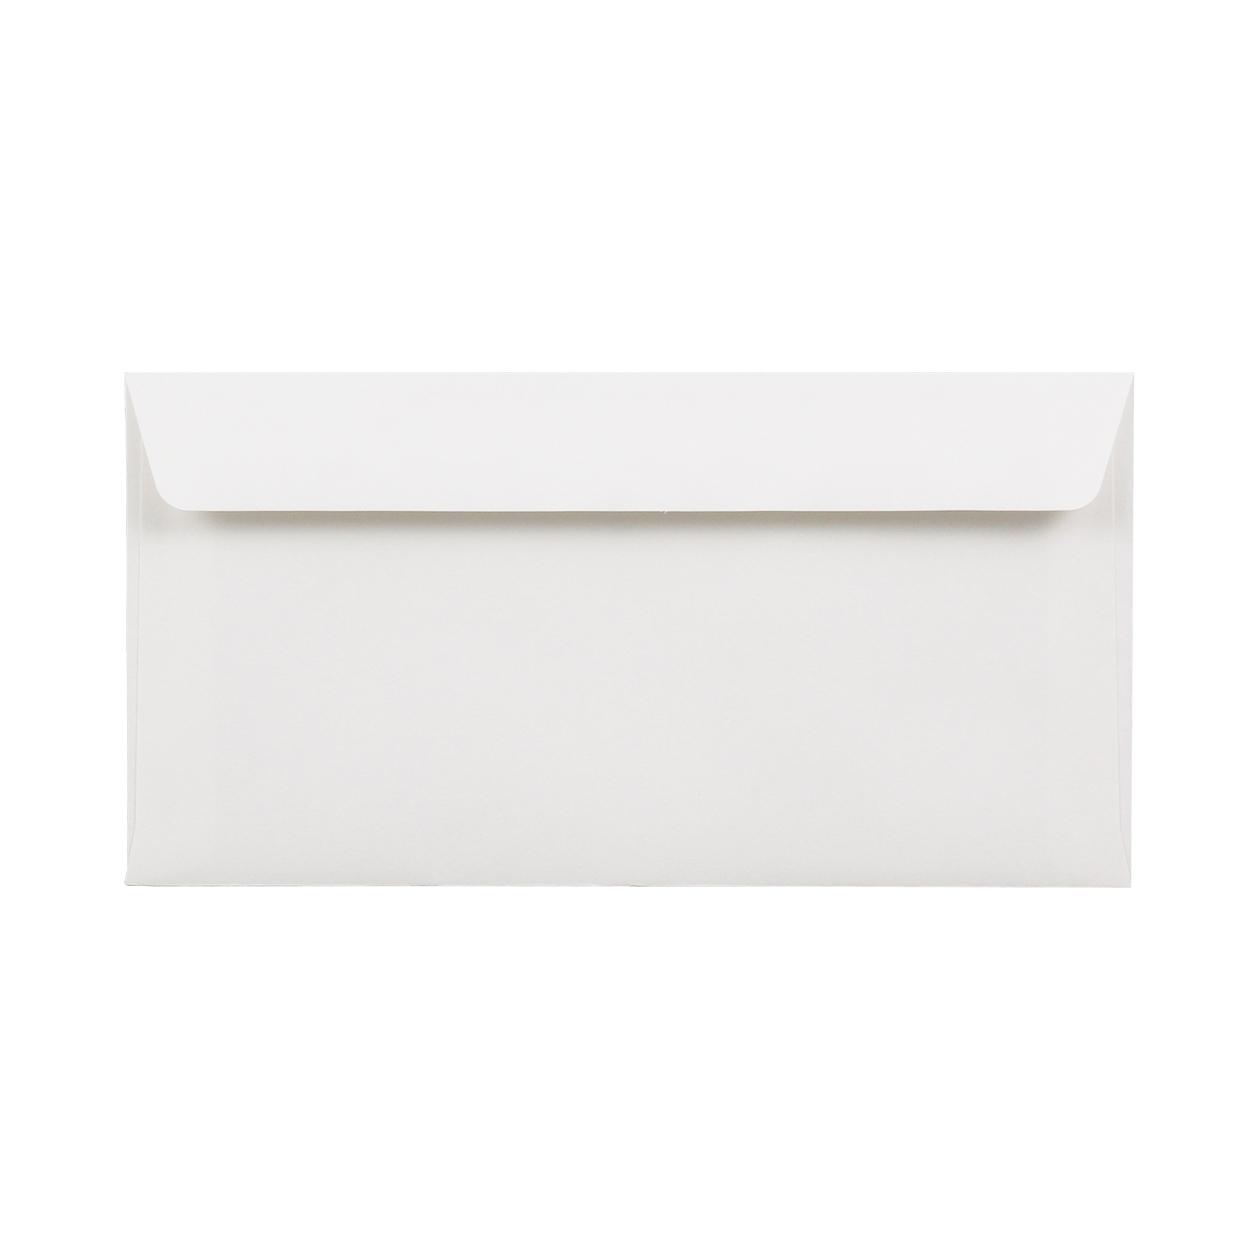 長3カマス34封筒 HAGURUMA Basic プレインホワイト 100g